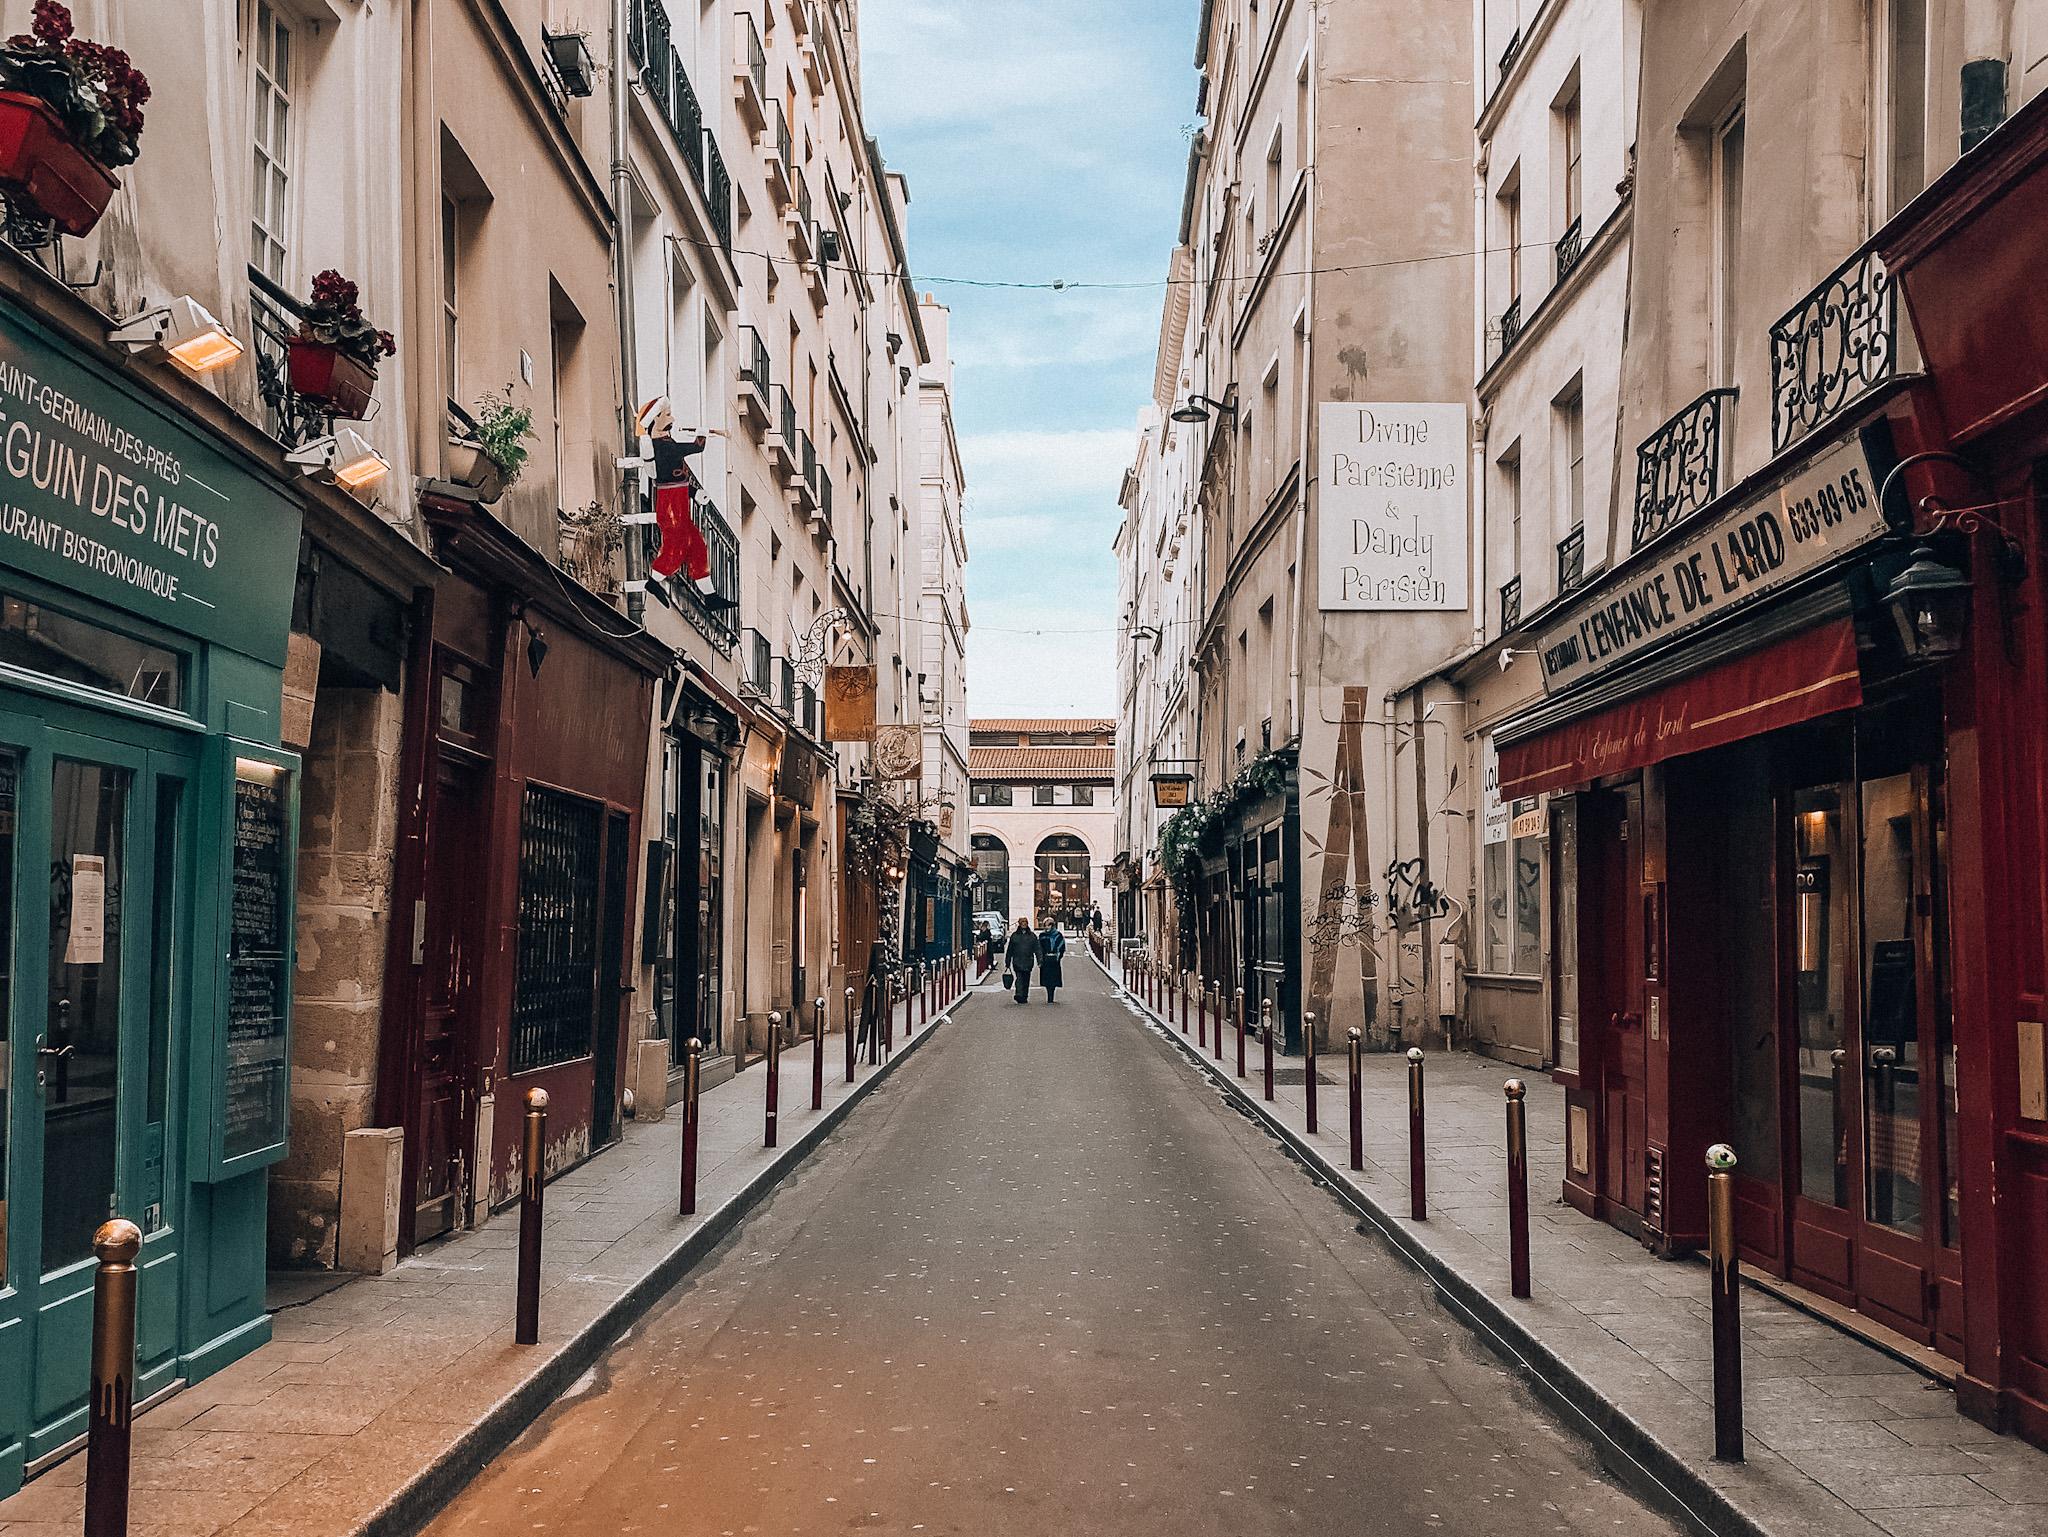 Quaint and quiet streets of Saint-Germain-des-Prés around Christmas time